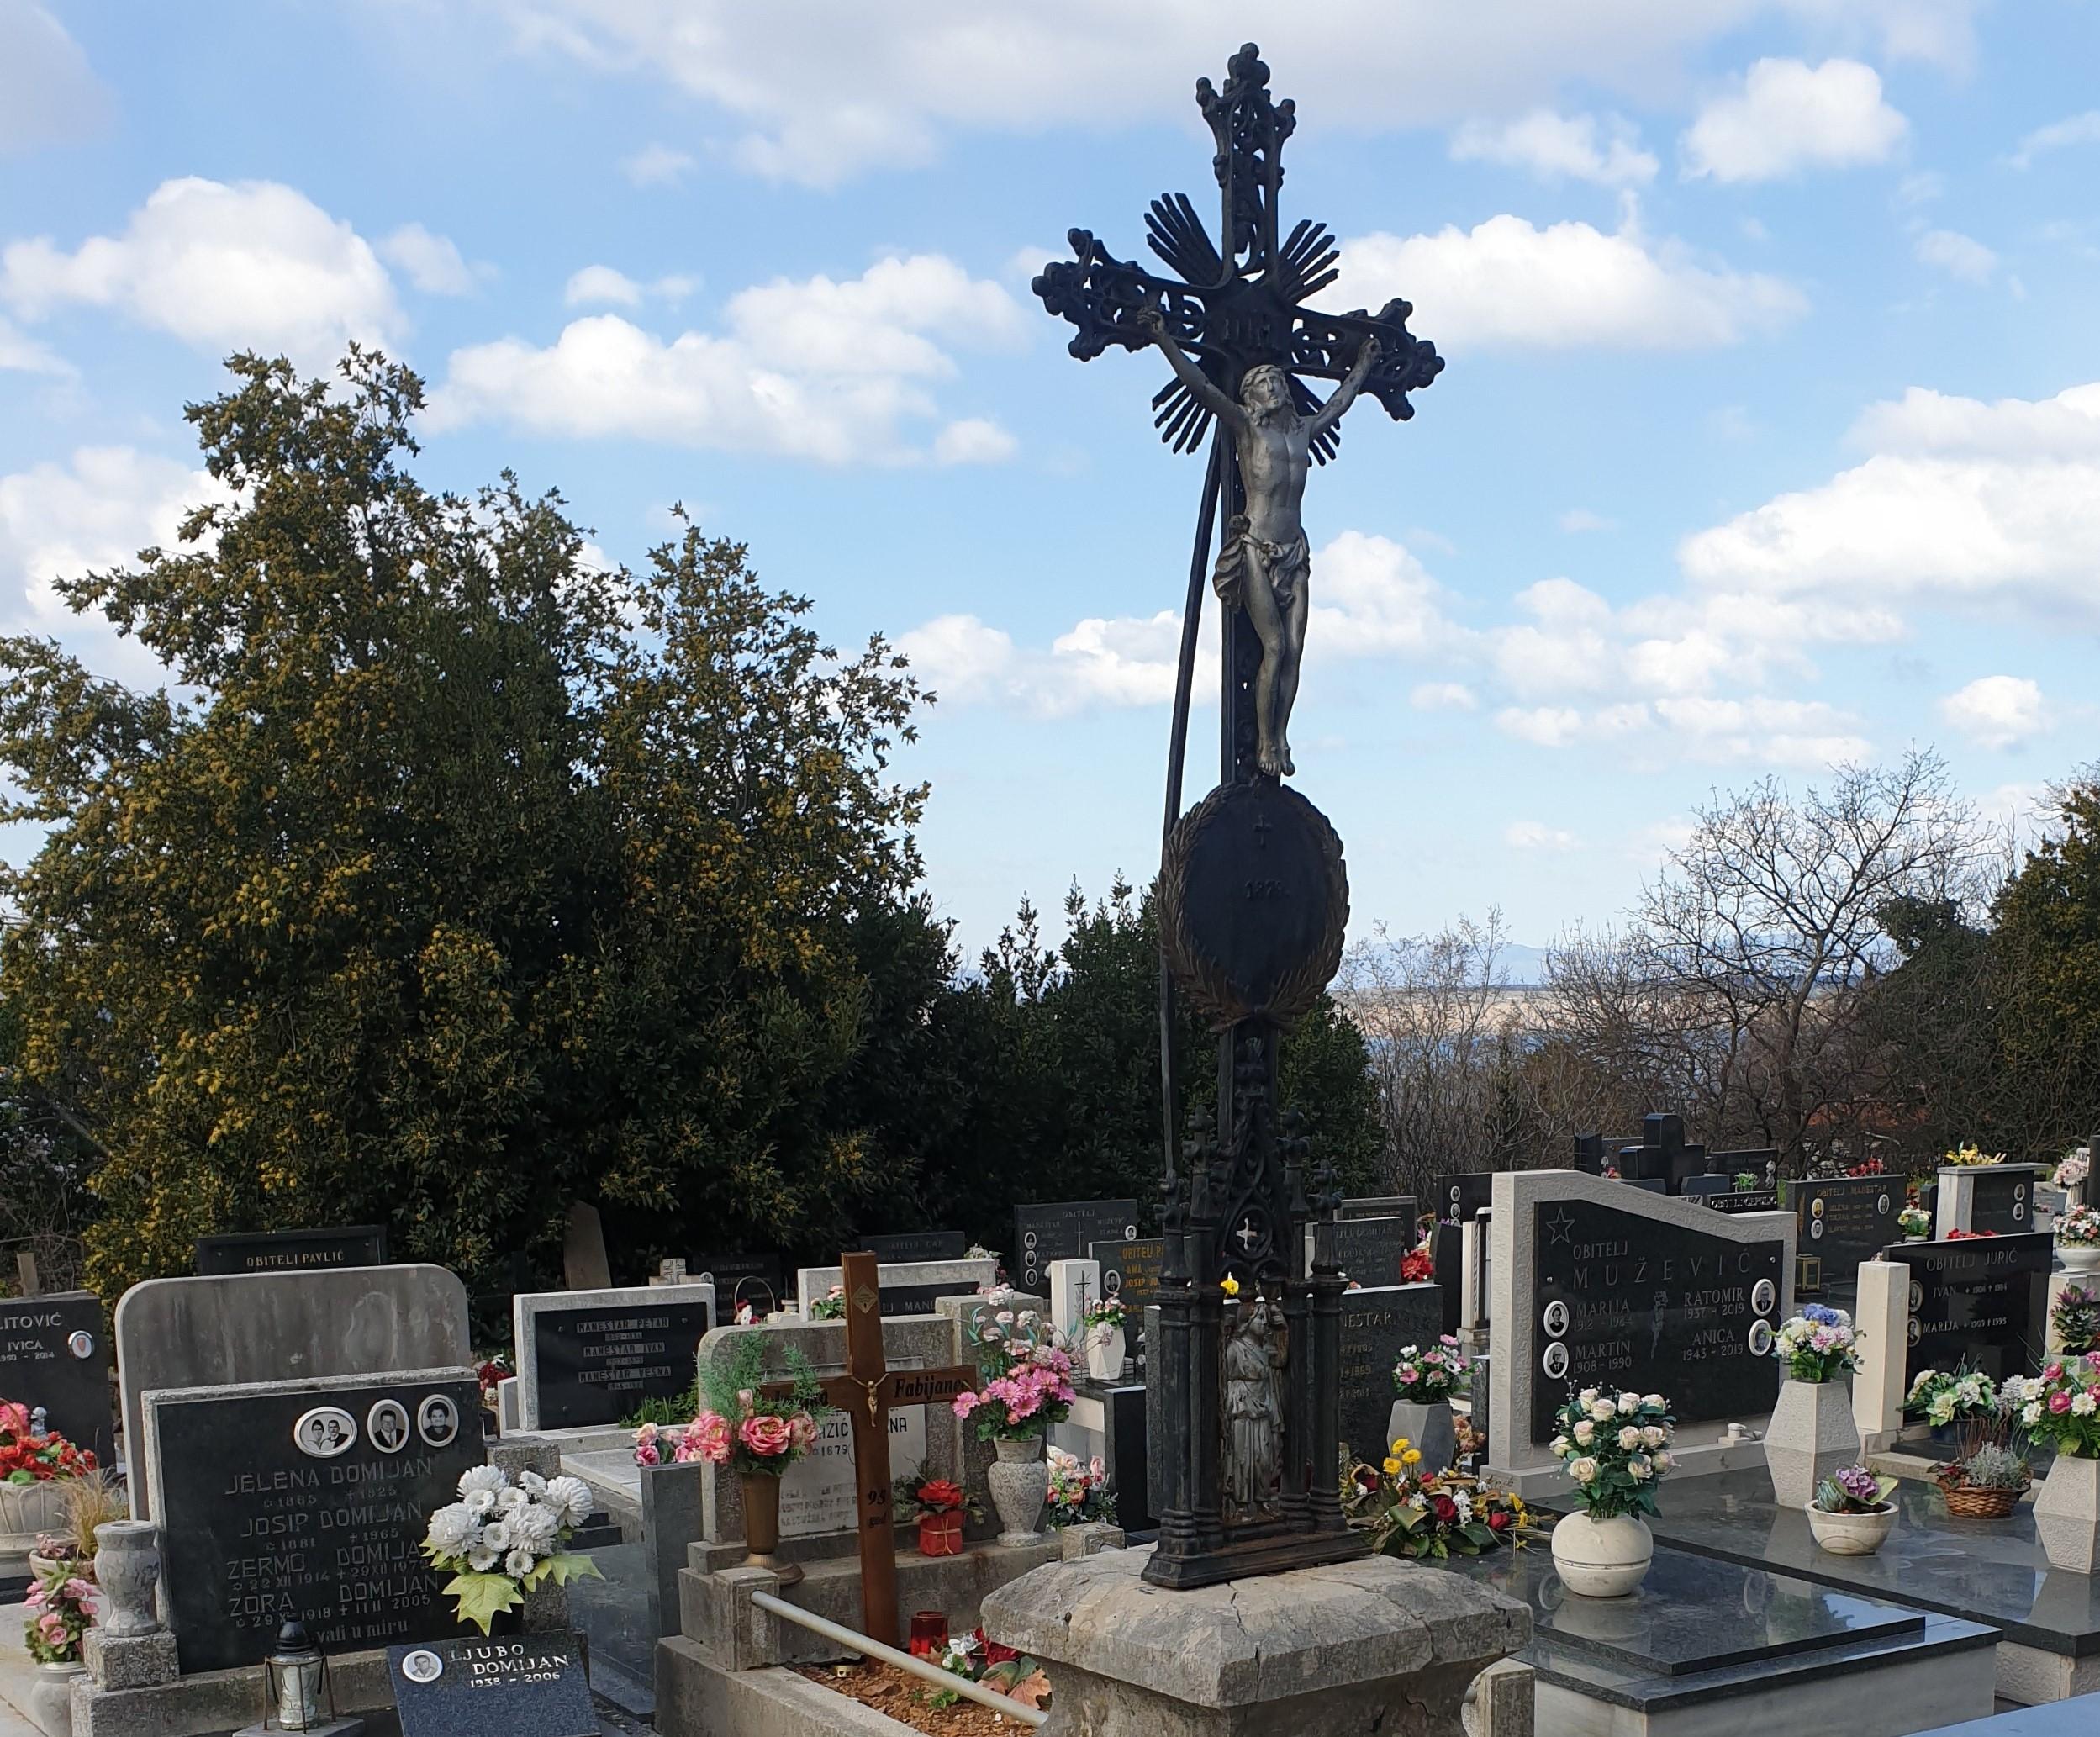 Središnji križ postavljen je u drugoj polovici 19. stoljeća